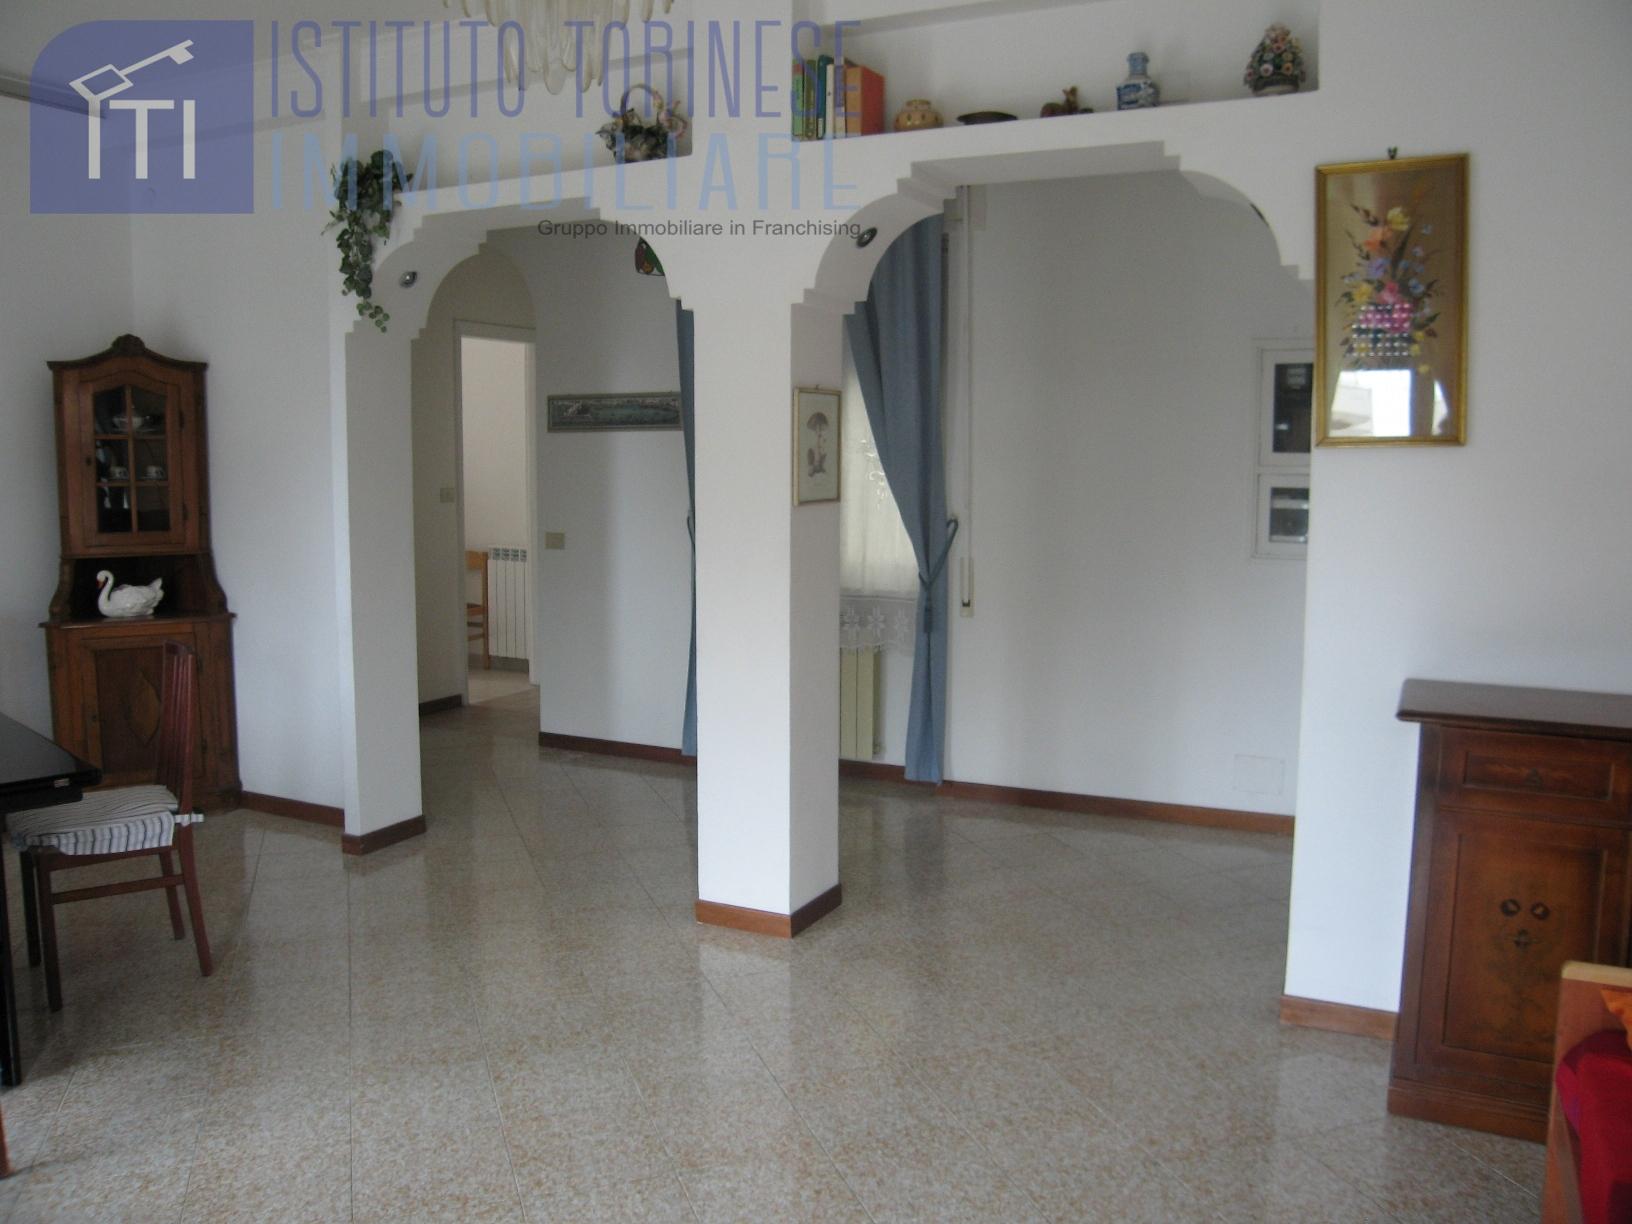 affitto appartamento roma ostia ostia antica  1000 euro  3 locali  100 mq